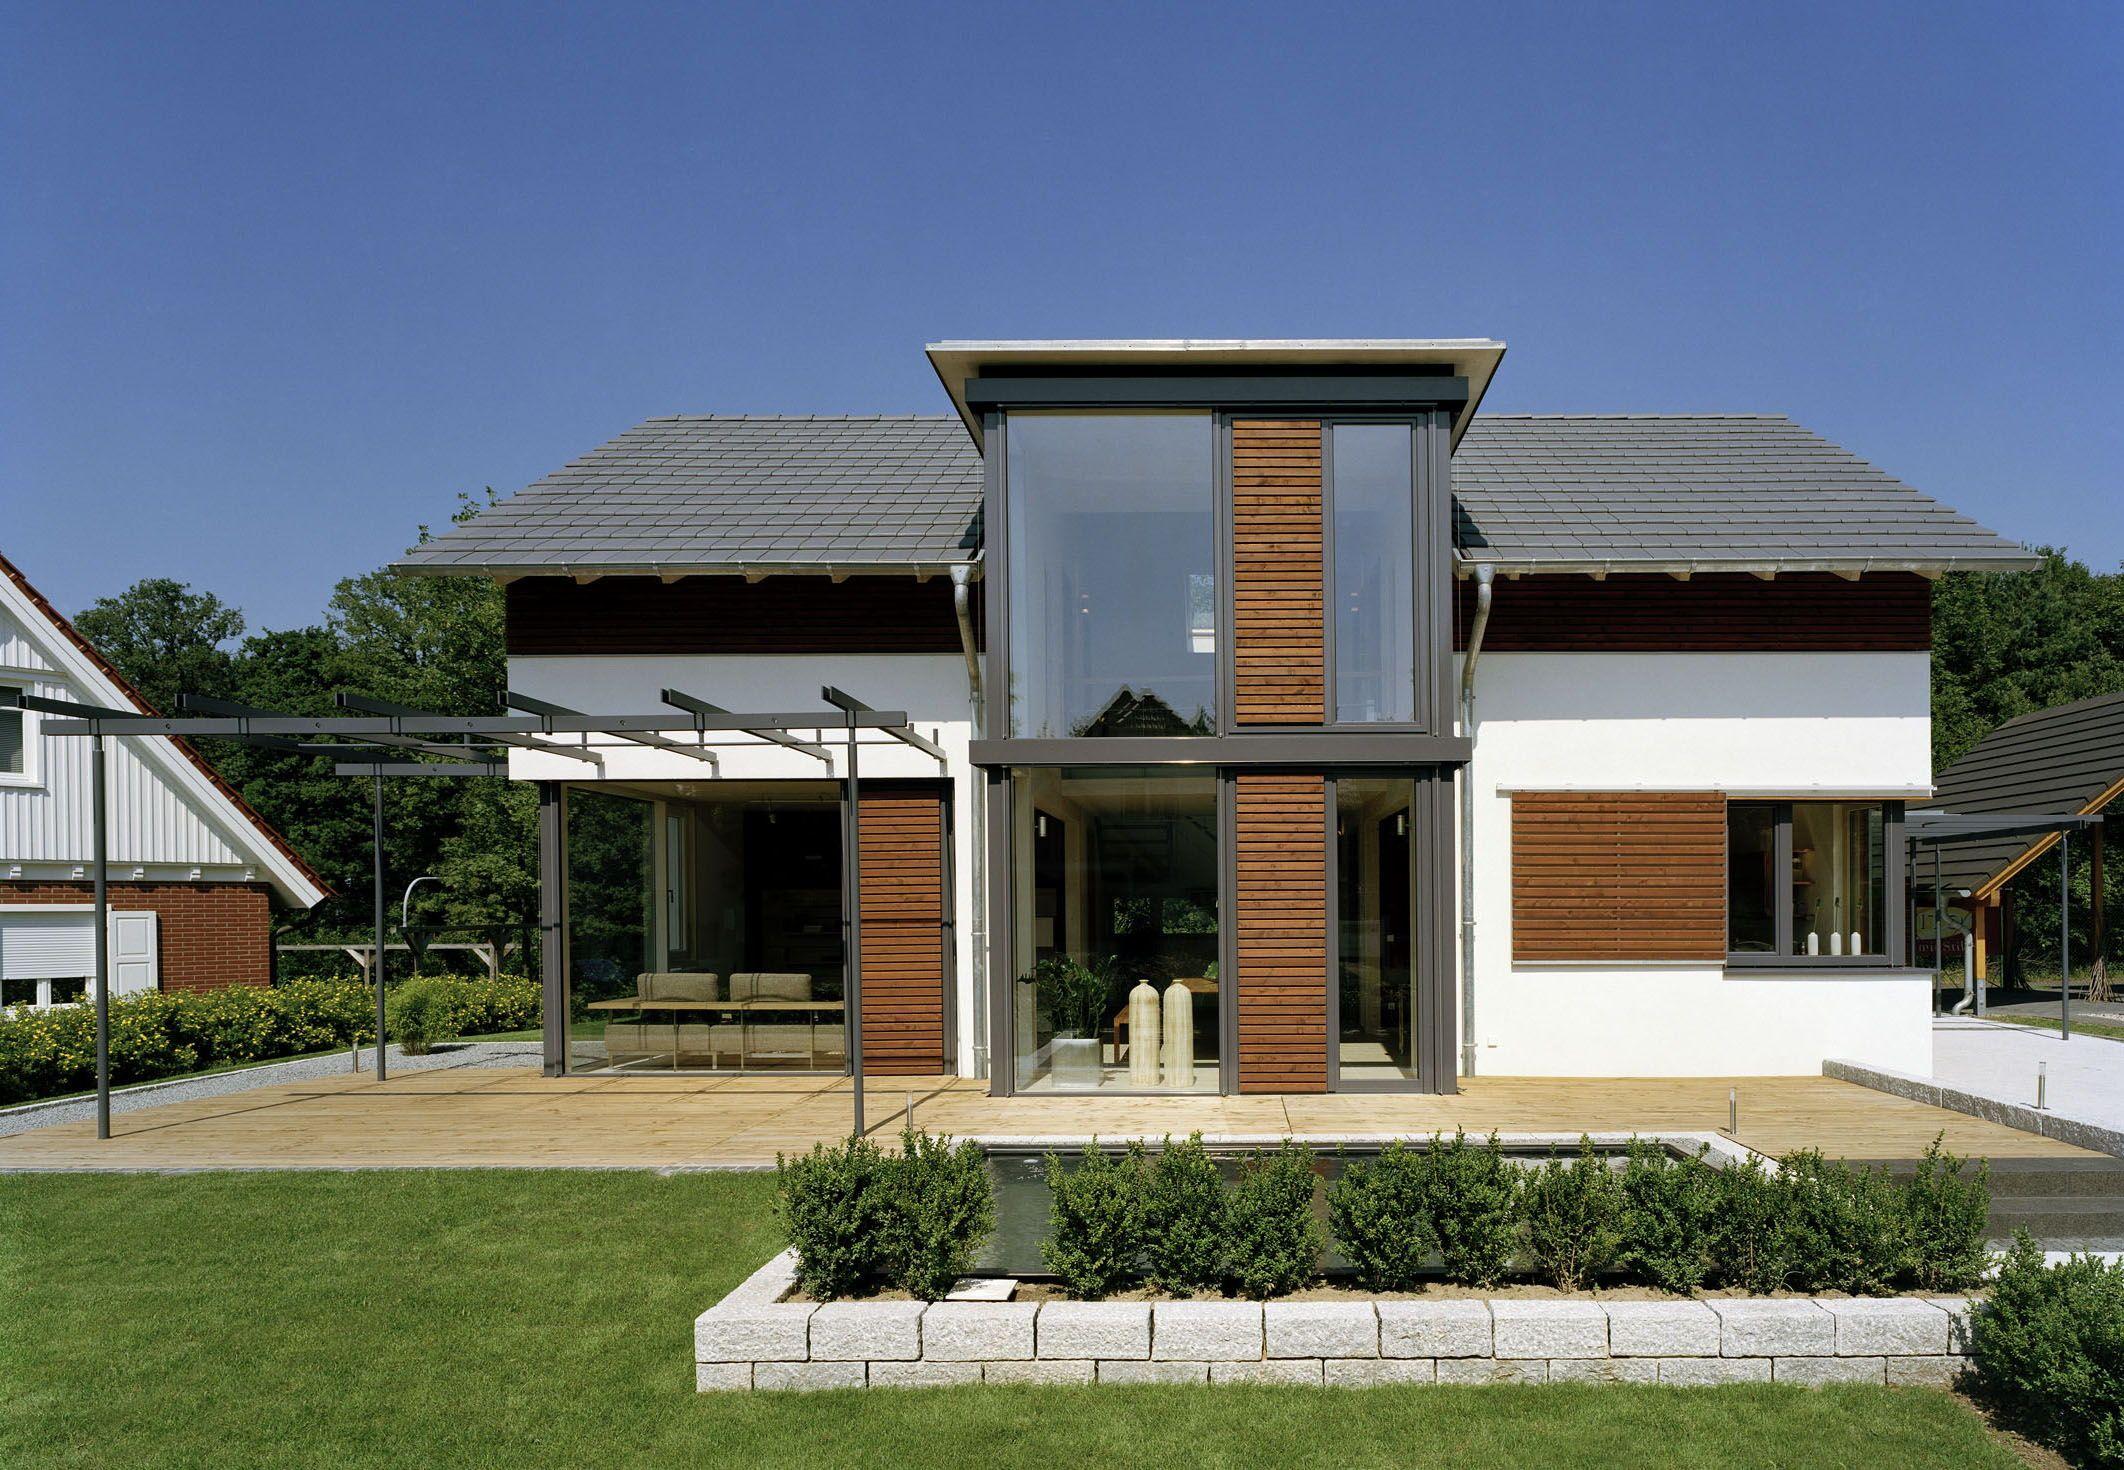 Satteldach Haus modern mit Quergiebel & Holz Putz Fassade ...